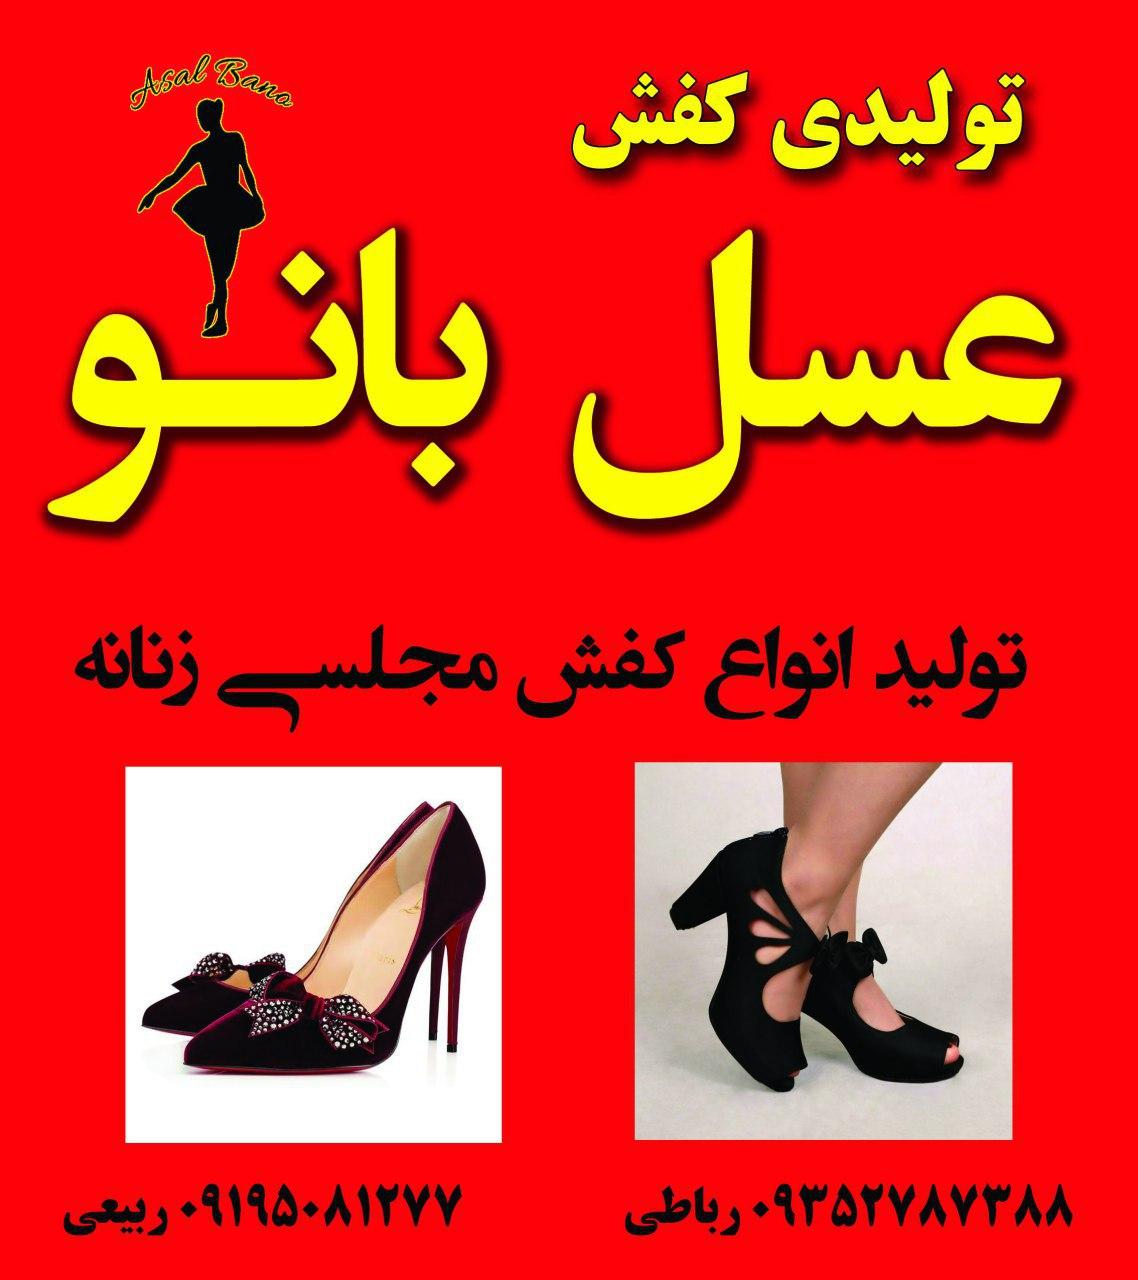 تولیدی کفش زنانه عسل بانو